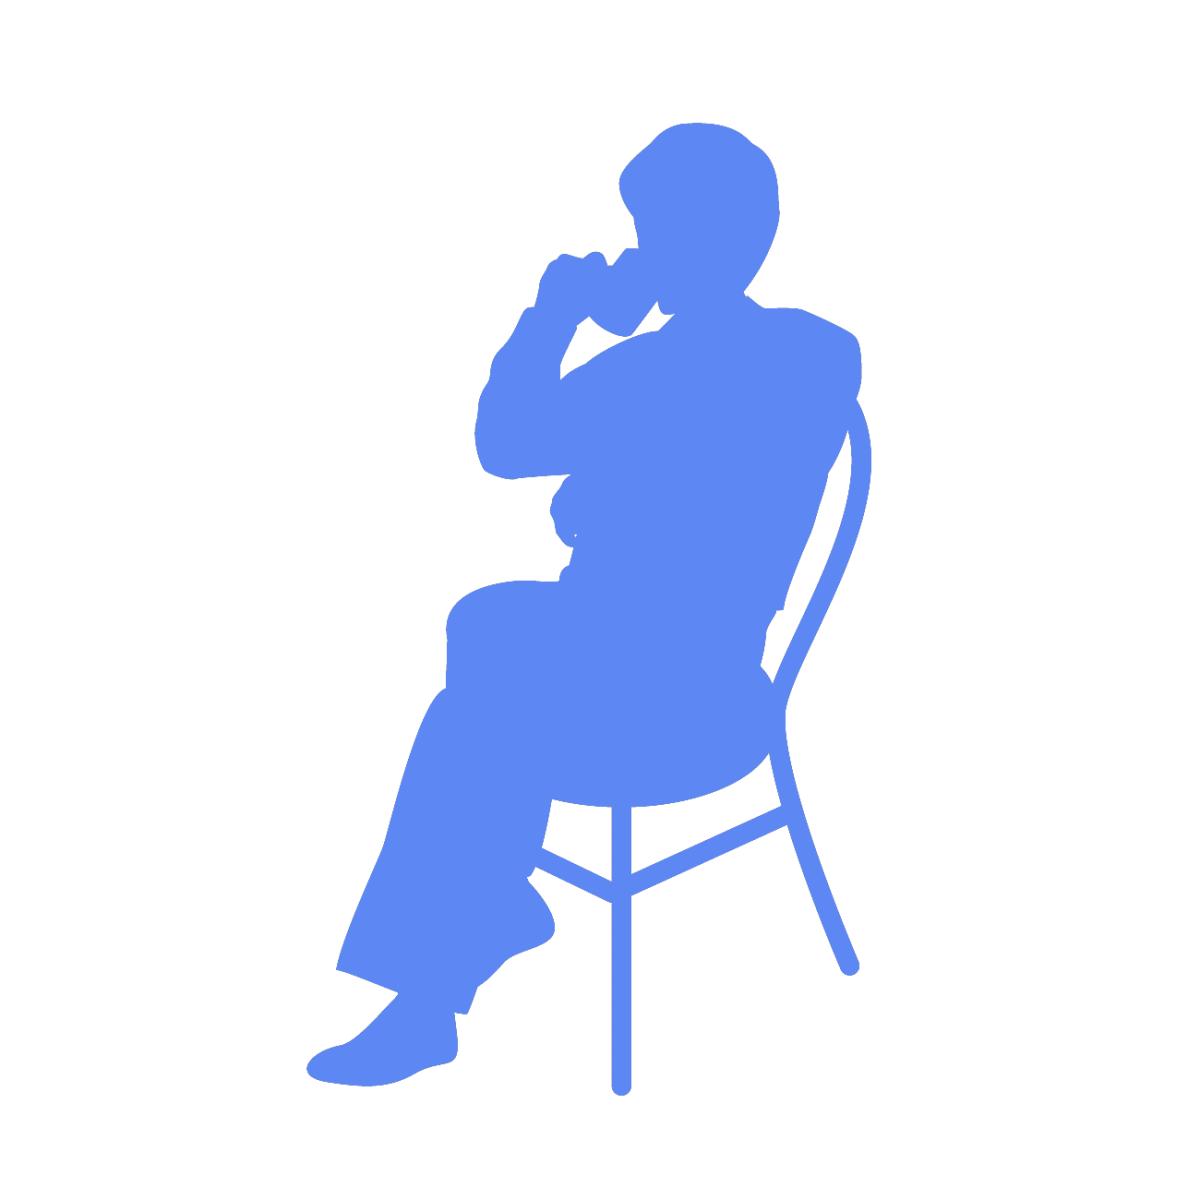 エリクソン催眠療法(ヒプノセラピー)を表すイメージ